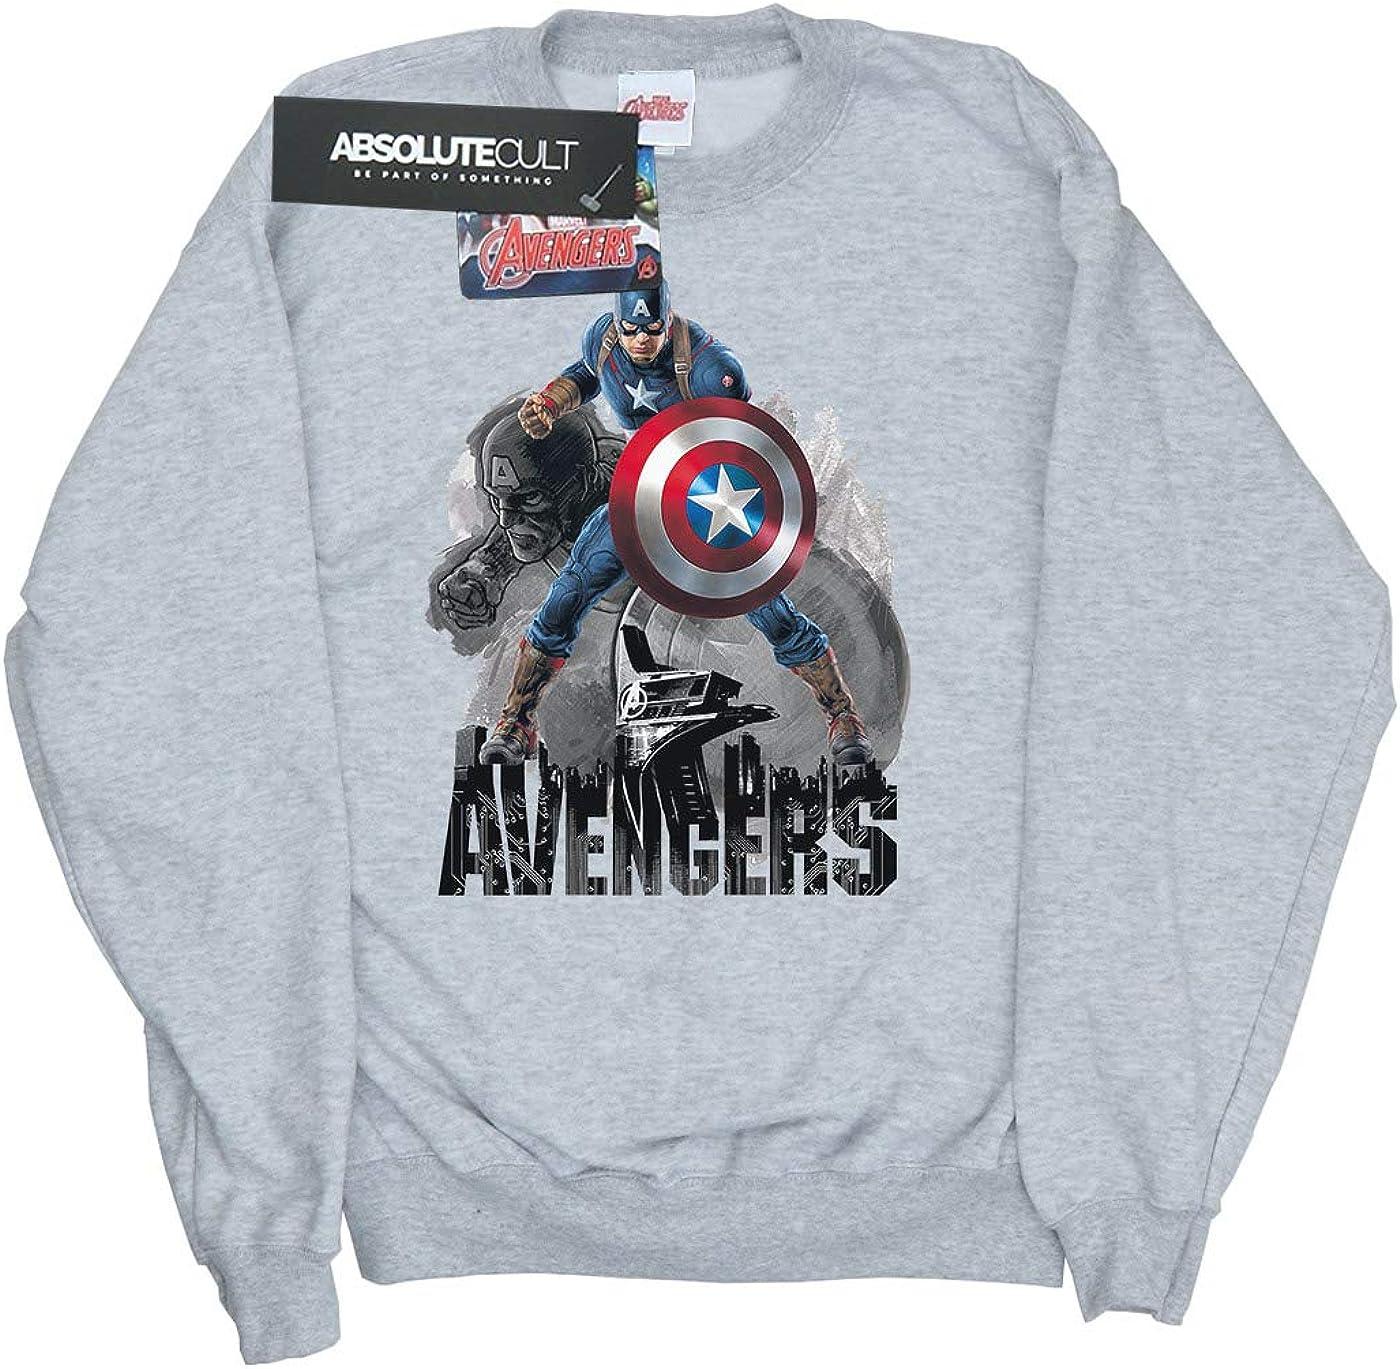 Marvel Hombre Captain America Action Pose Camisa De Entrenamiento Large Gris Sport: Amazon.es: Ropa y accesorios